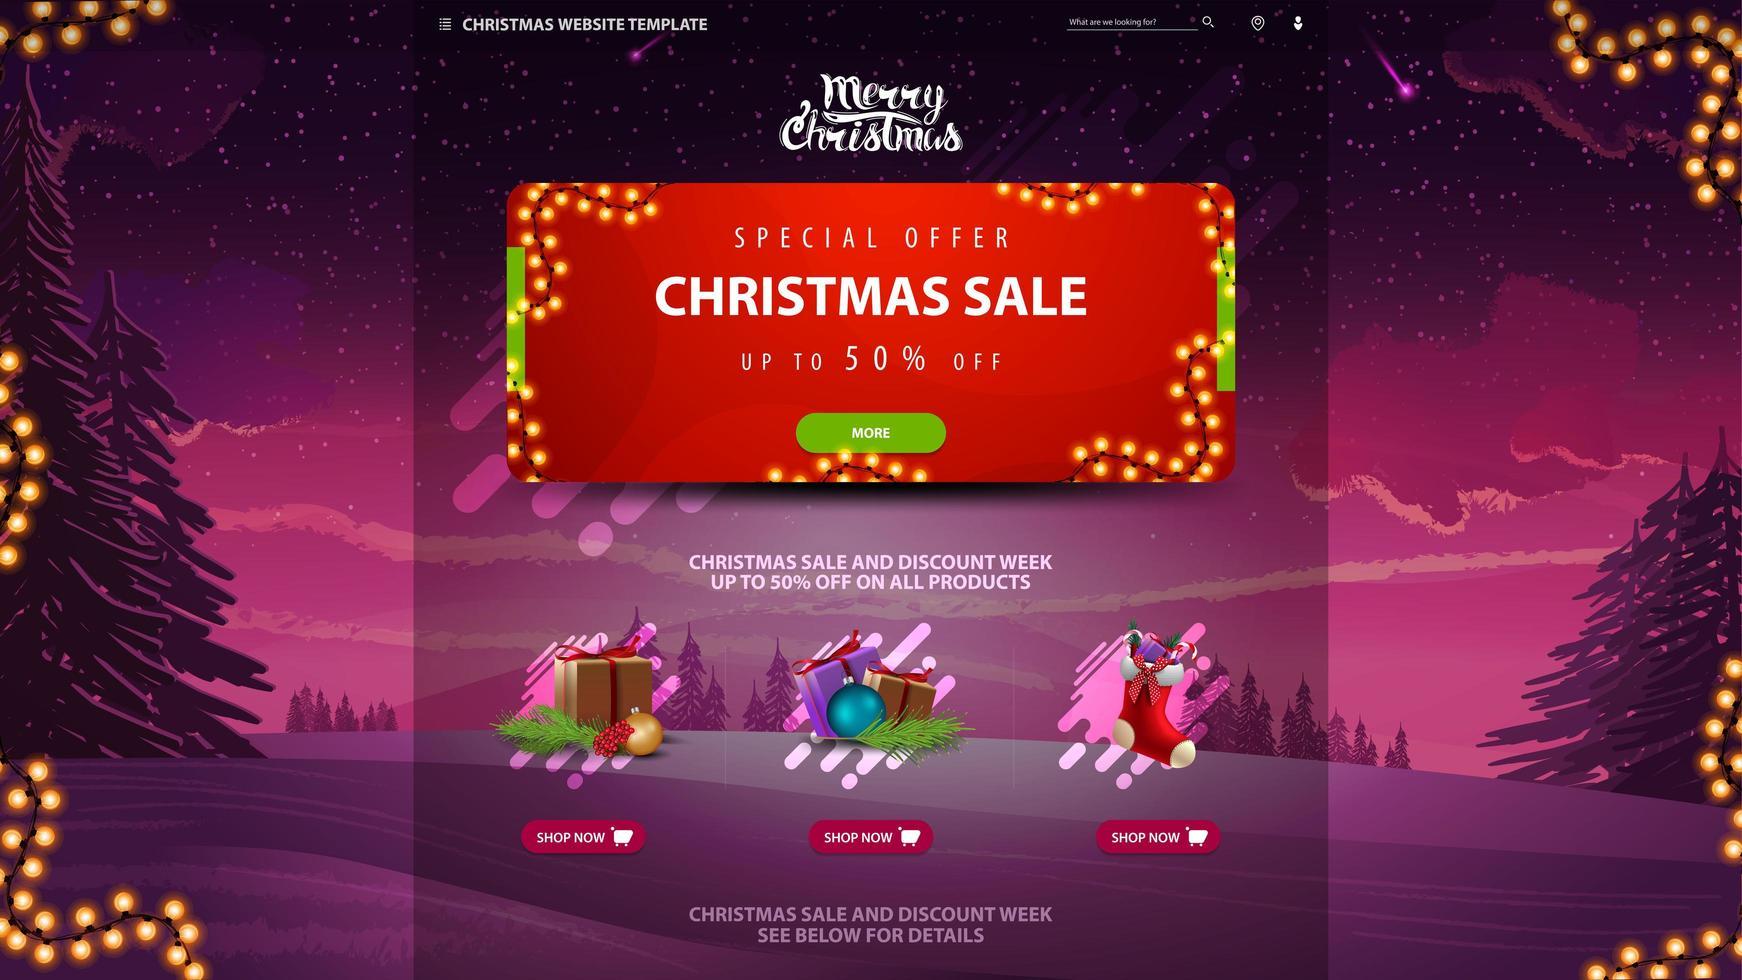 Weihnachtsverkauf Design-Website-Vorlage mit Fichten, Schnee und lila Himmel im Hintergrund vektor